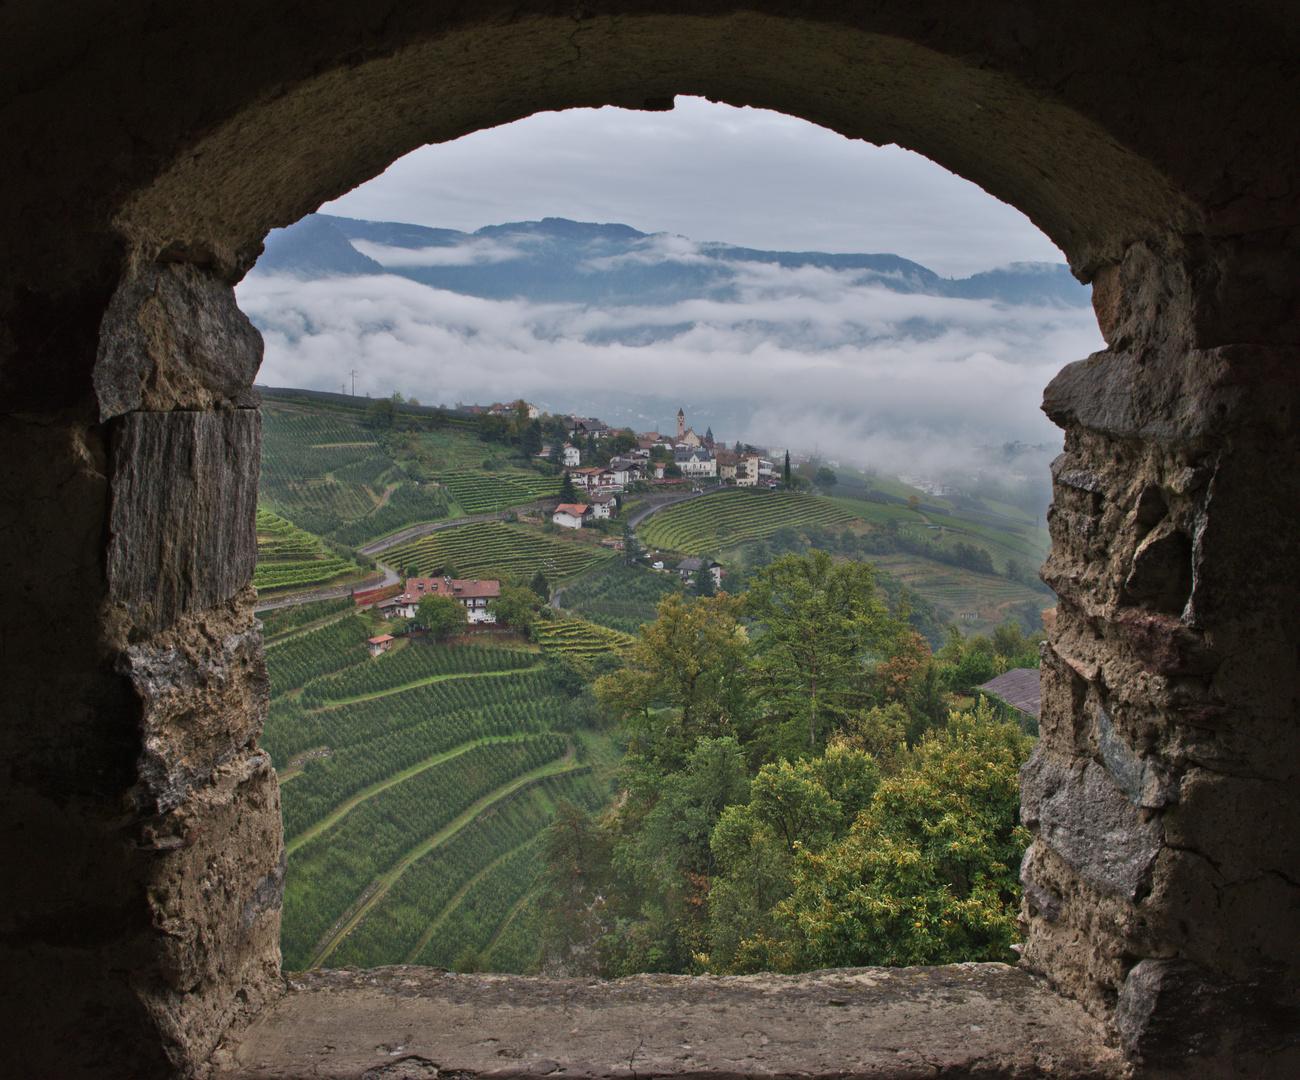 Dorf Tirol bei Meran